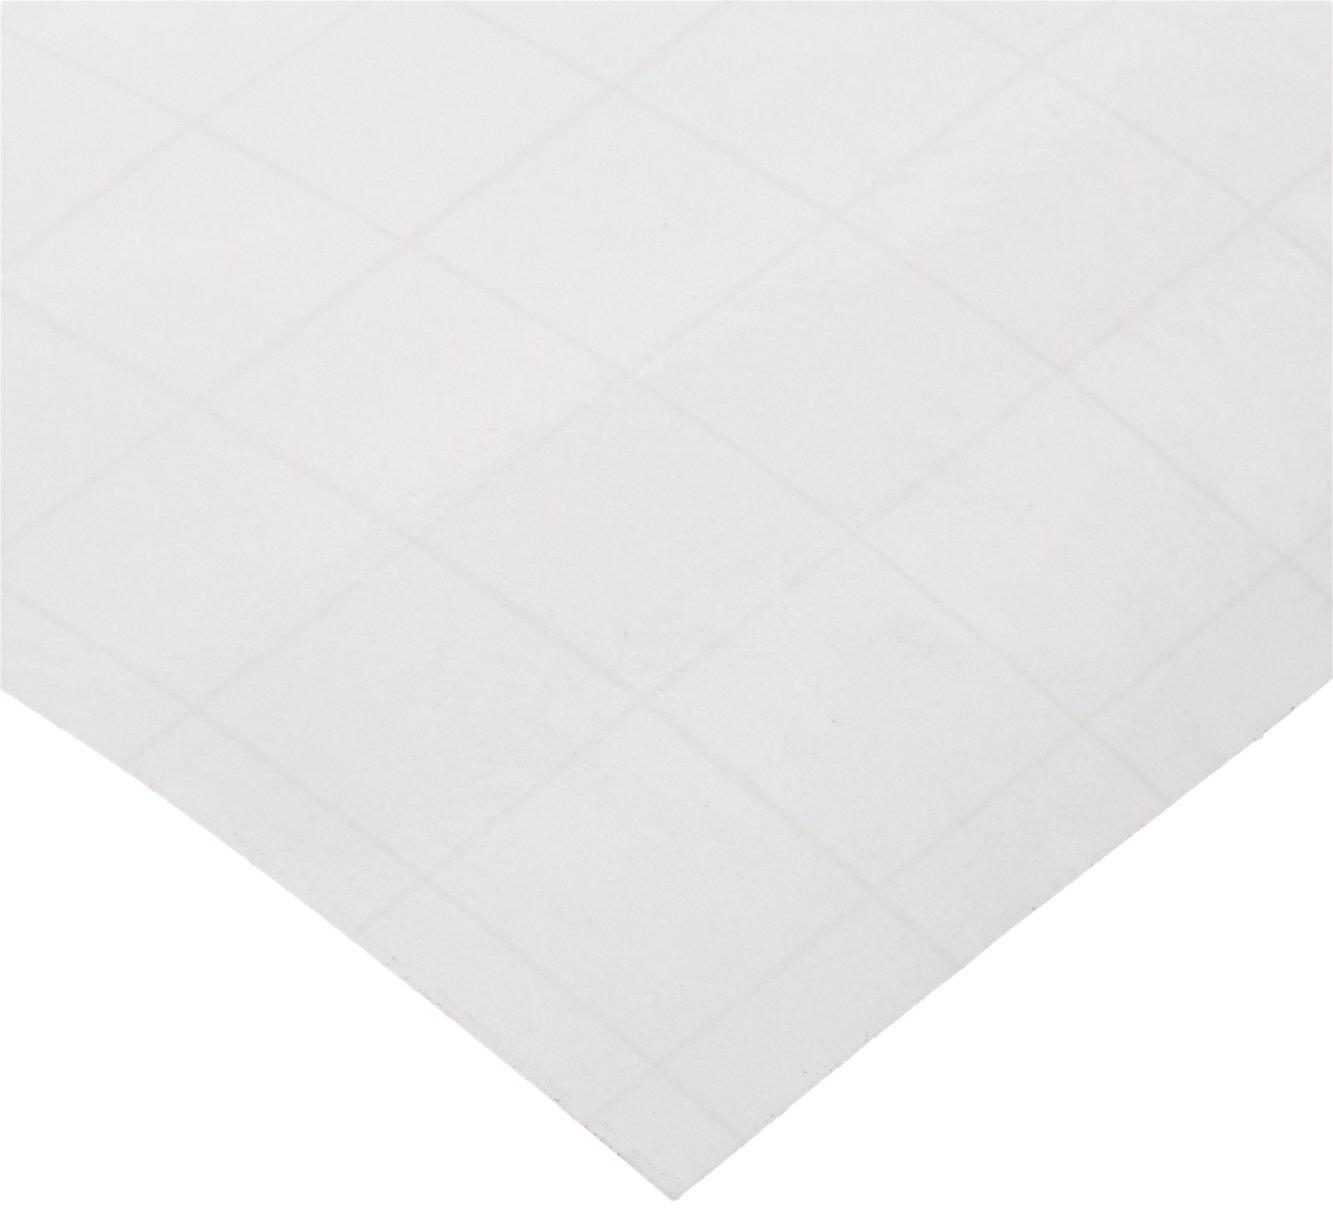 Frisket SA52704 Maskierfolie, glänzend, glänzend, glänzend, geringe Haftung, circa 63.5 cm x 3.66 m, Maskierfolie für Sprühfarbenanwendungen B004YBH73E Briefpapier Einfach zu bedienen 59e4ce